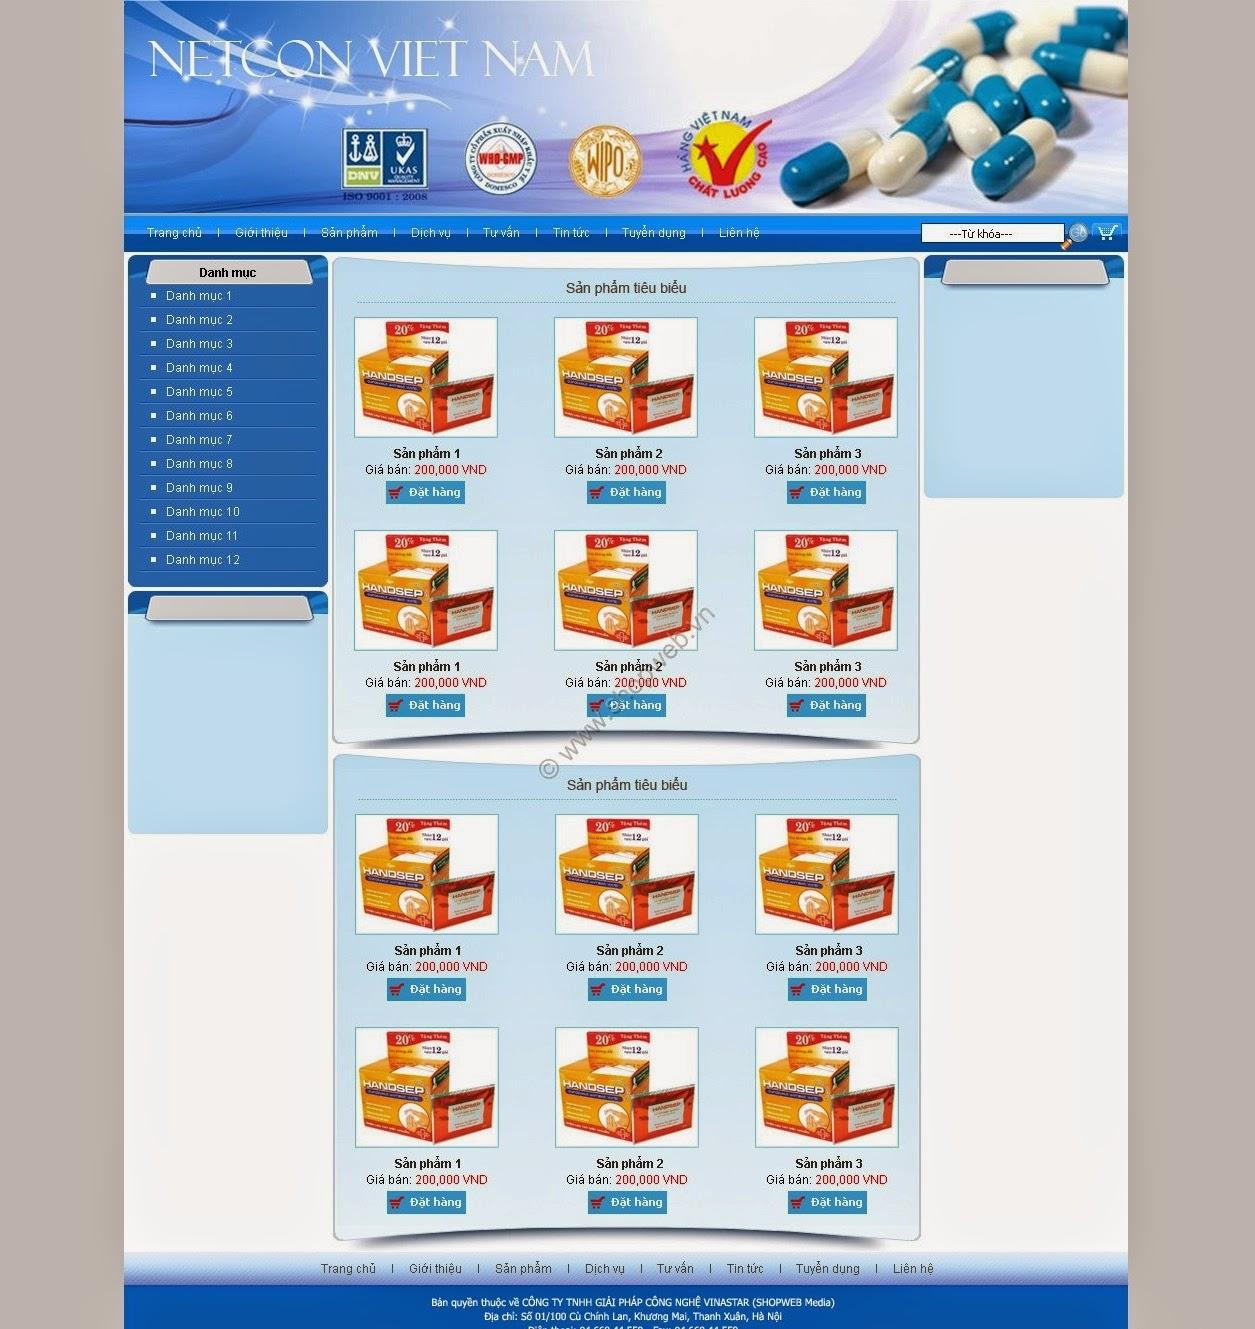 thiết kế web bán hàng dược phẩm giá rẻ